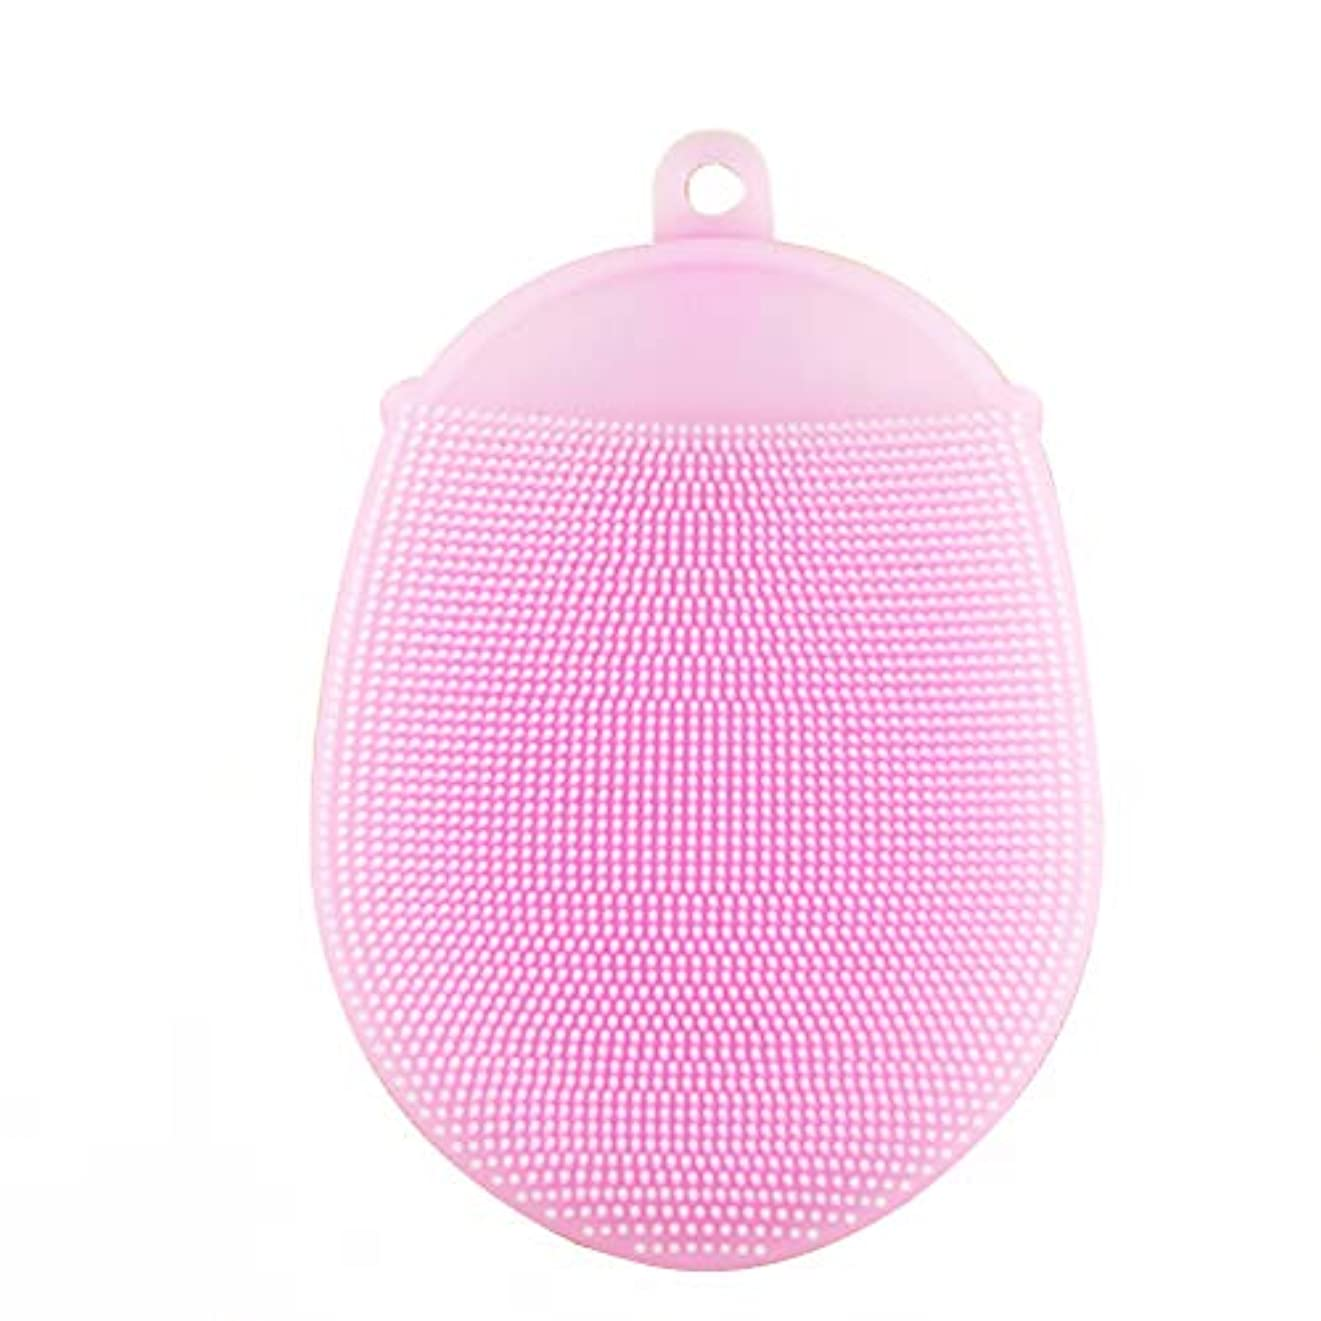 快い民主主義縫い目Healifty ボディブラシ2本シリコン入浴ブラシ抗菌シャワースクラバー洗顔パッド(ピンク)